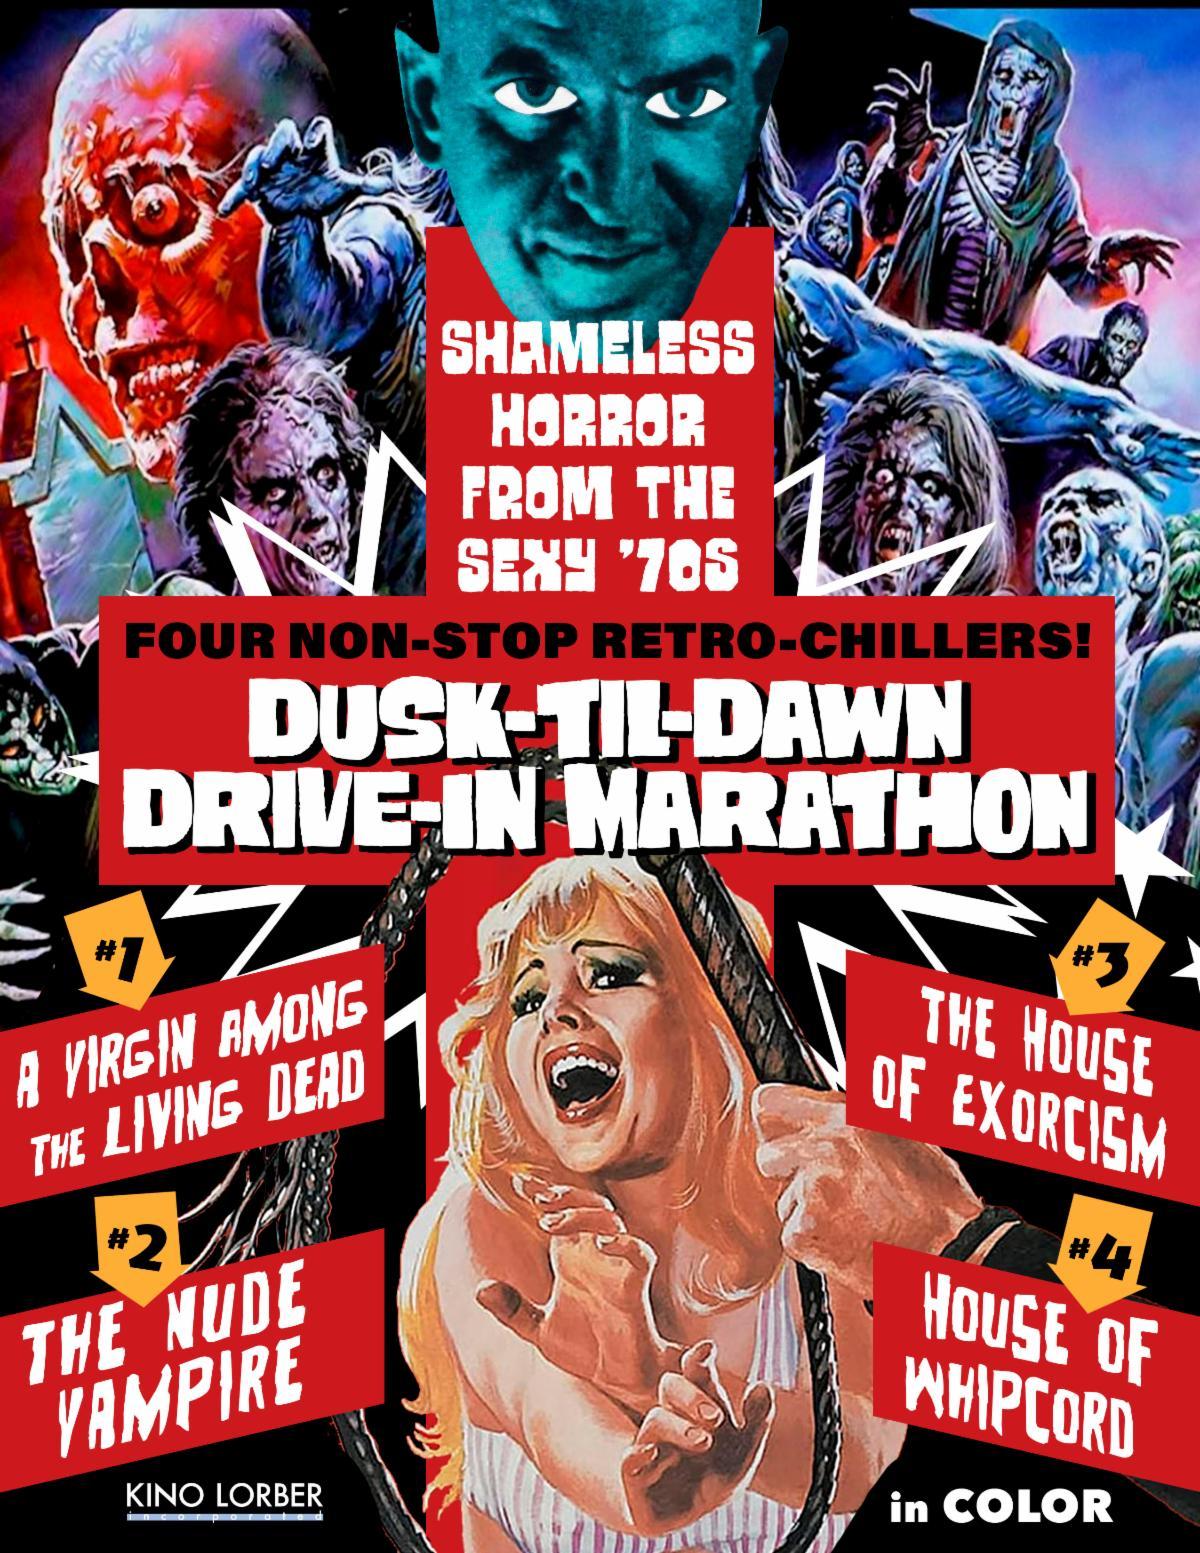 Poster for Dusk-Til-Dawn Drive-In (Marathon)